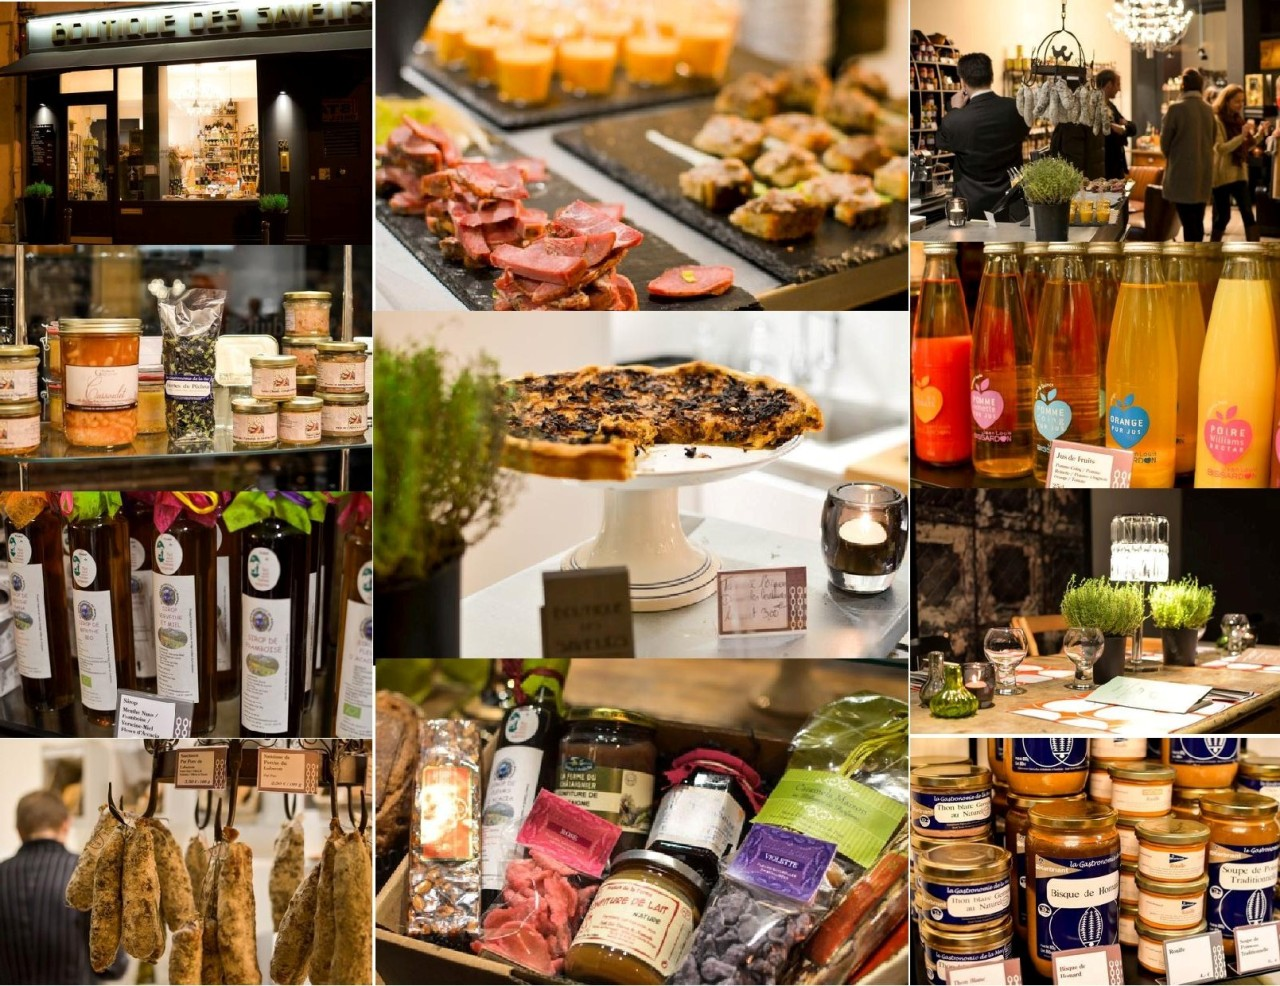 Boutique Des Saveurs - www.boutiksaveurs.com / Les Pépites de Noisette